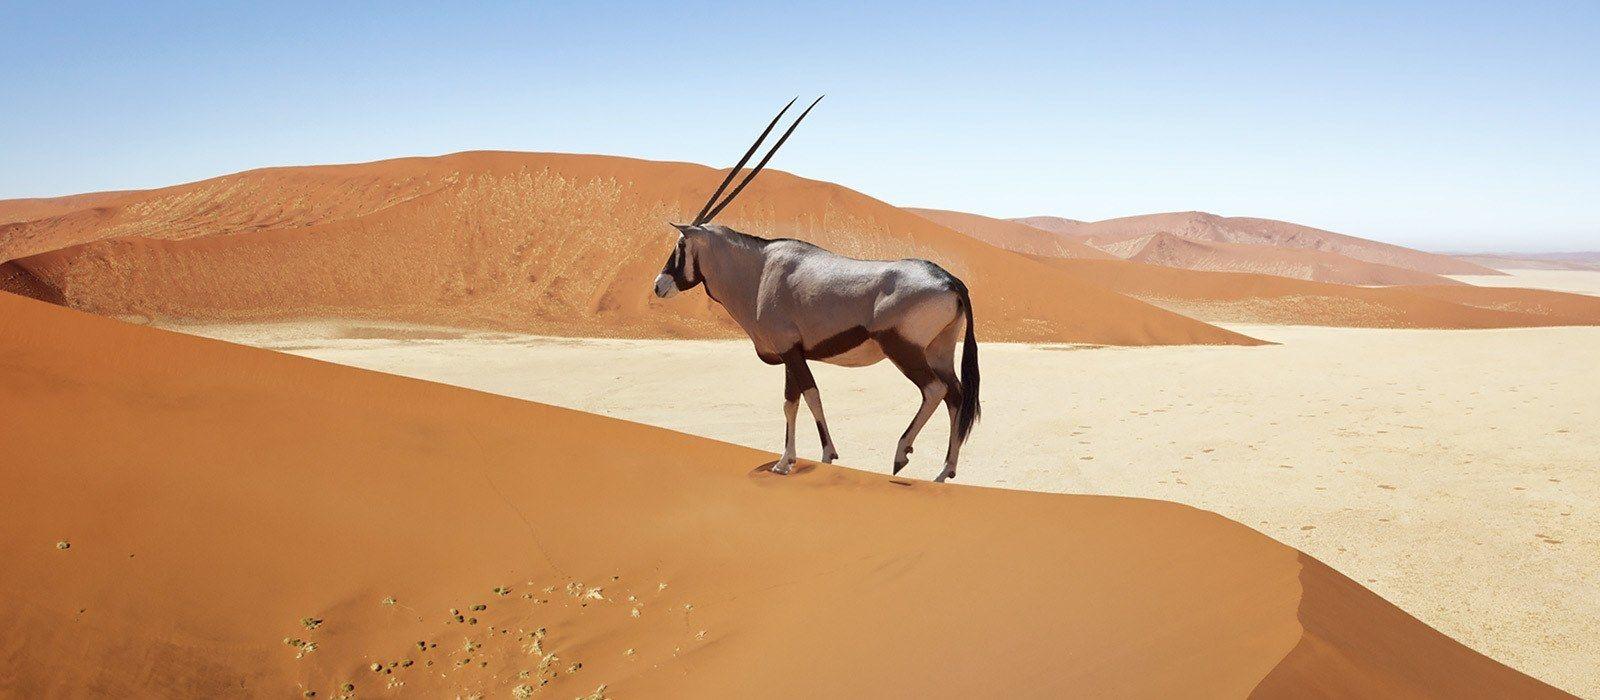 Klassische Luxusreise – Namibia für Genießer Urlaub 2